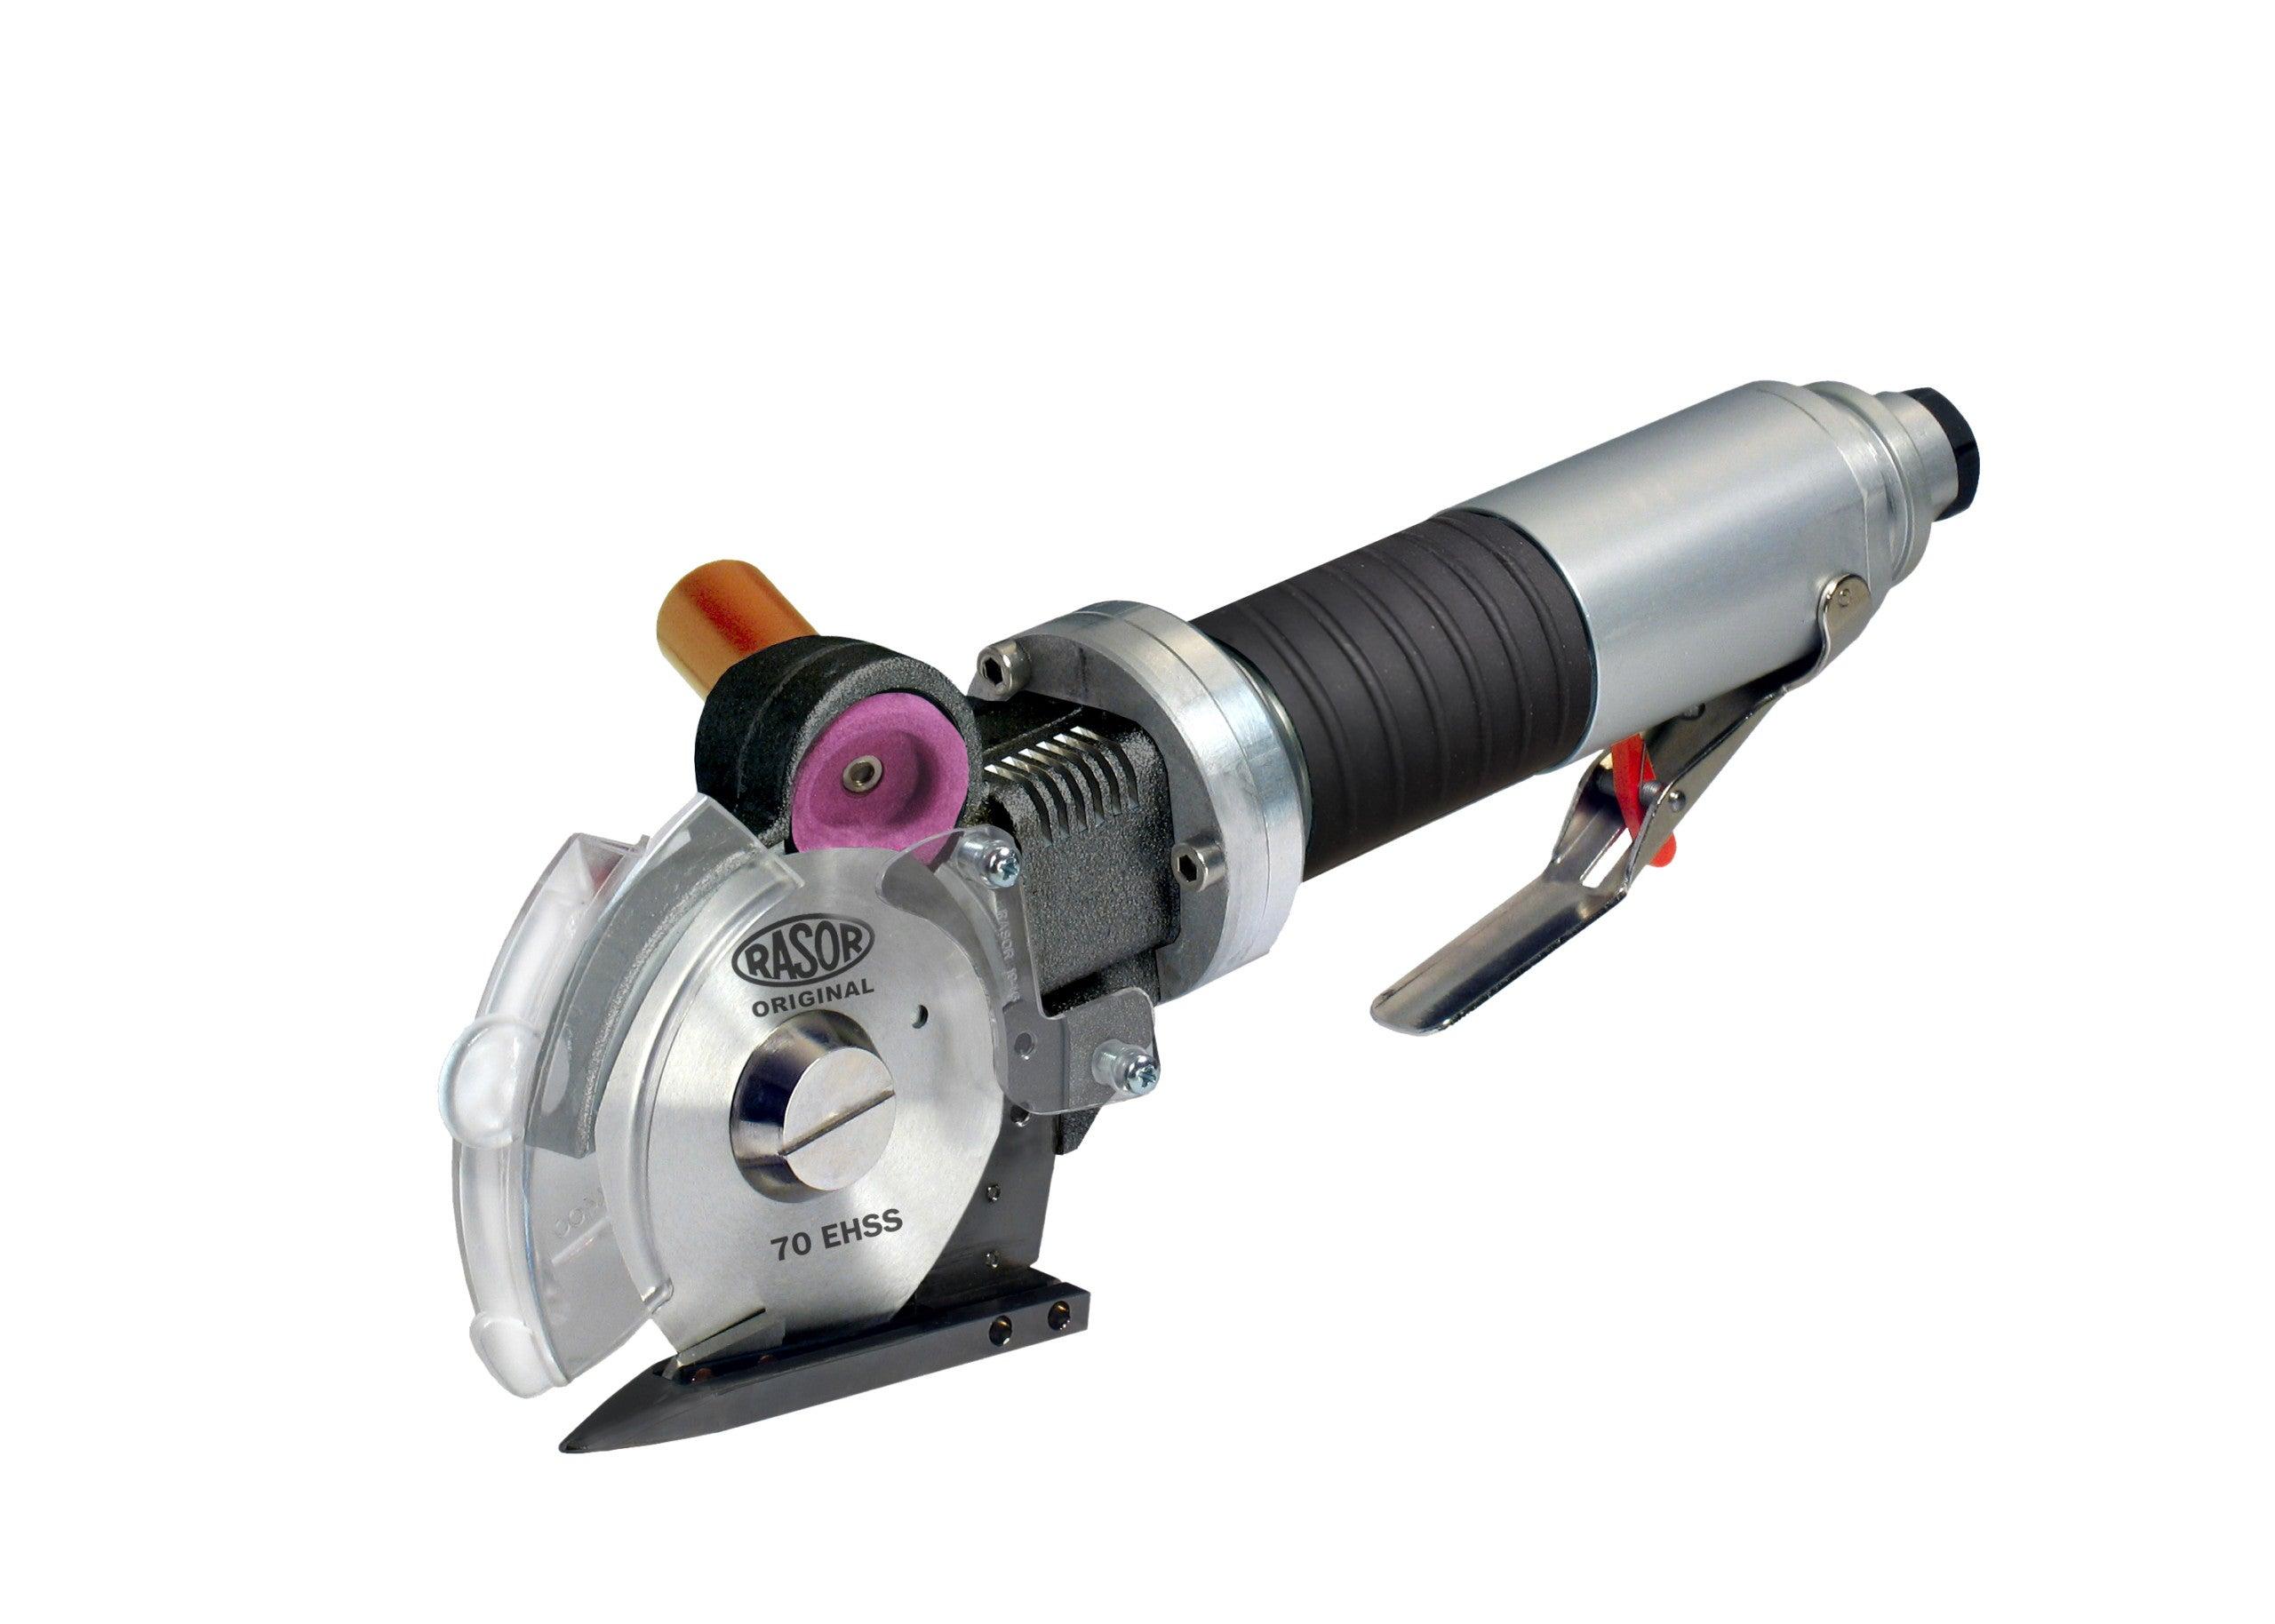 RASOR Druckluftschere FP702